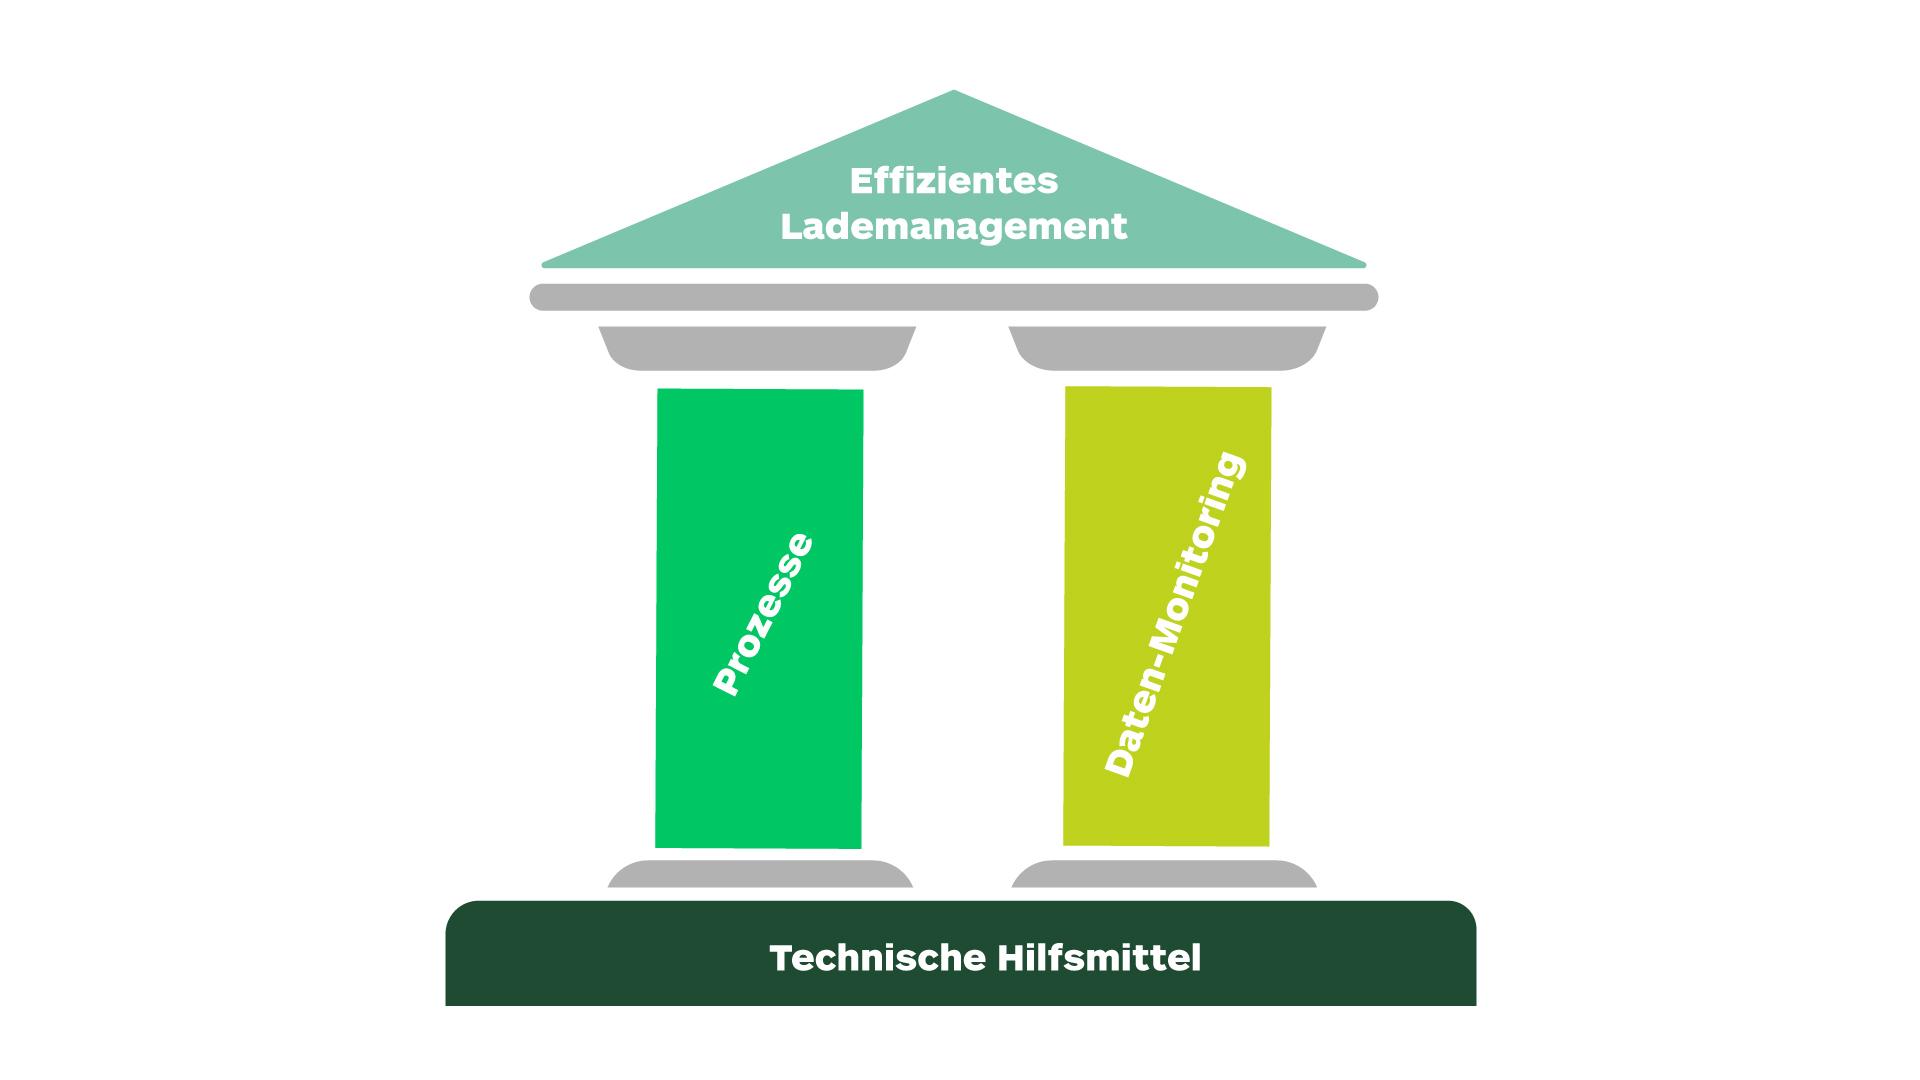 Bild: Säulen und Fundament für ein effizientes Lademanagement